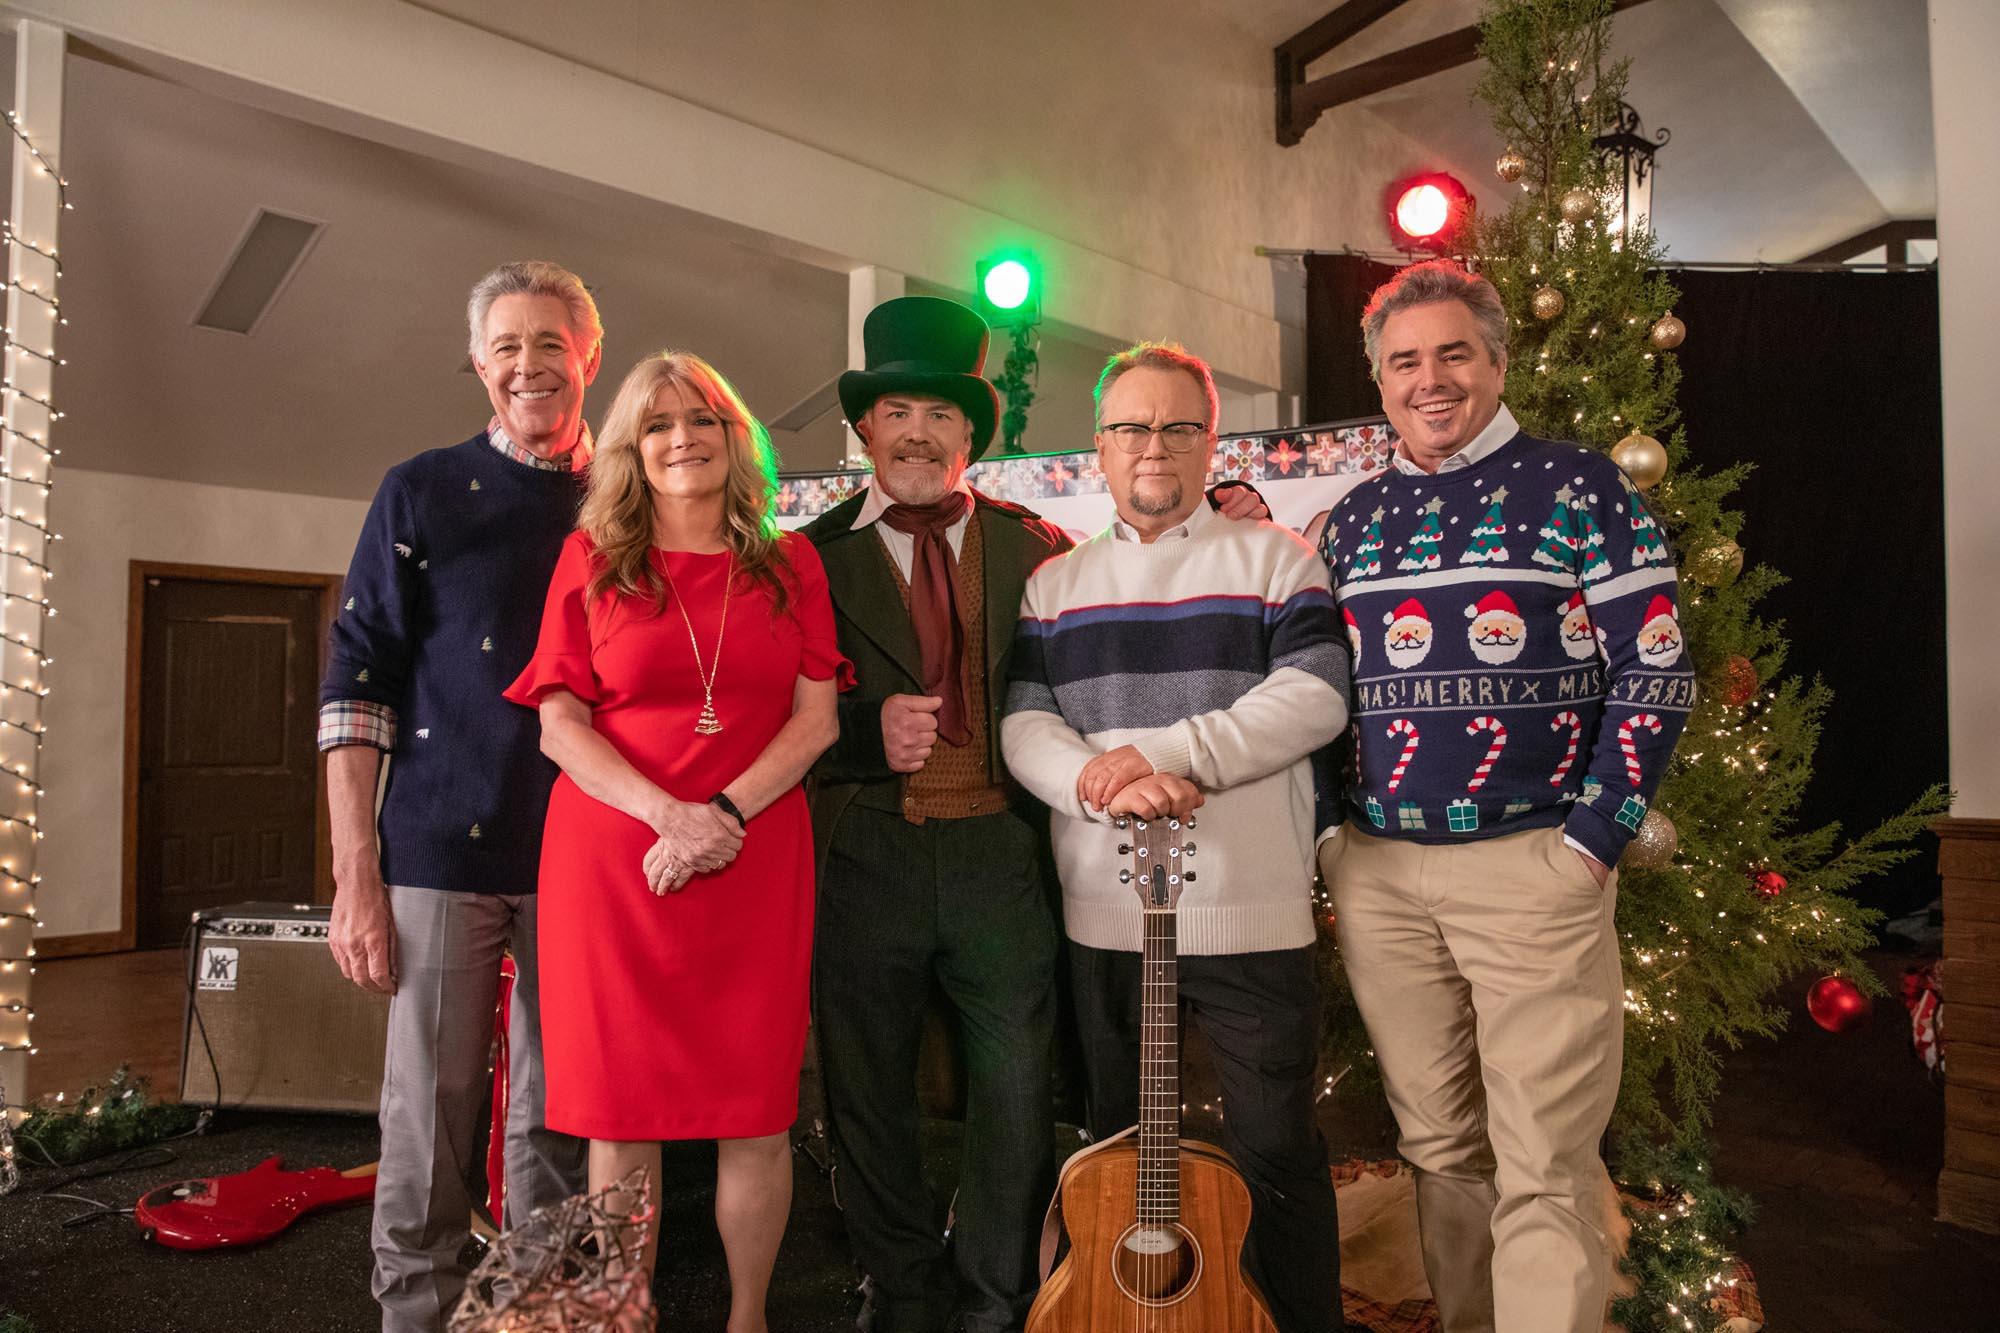 2021 Lifetime Christmas Movies Blending Christmas